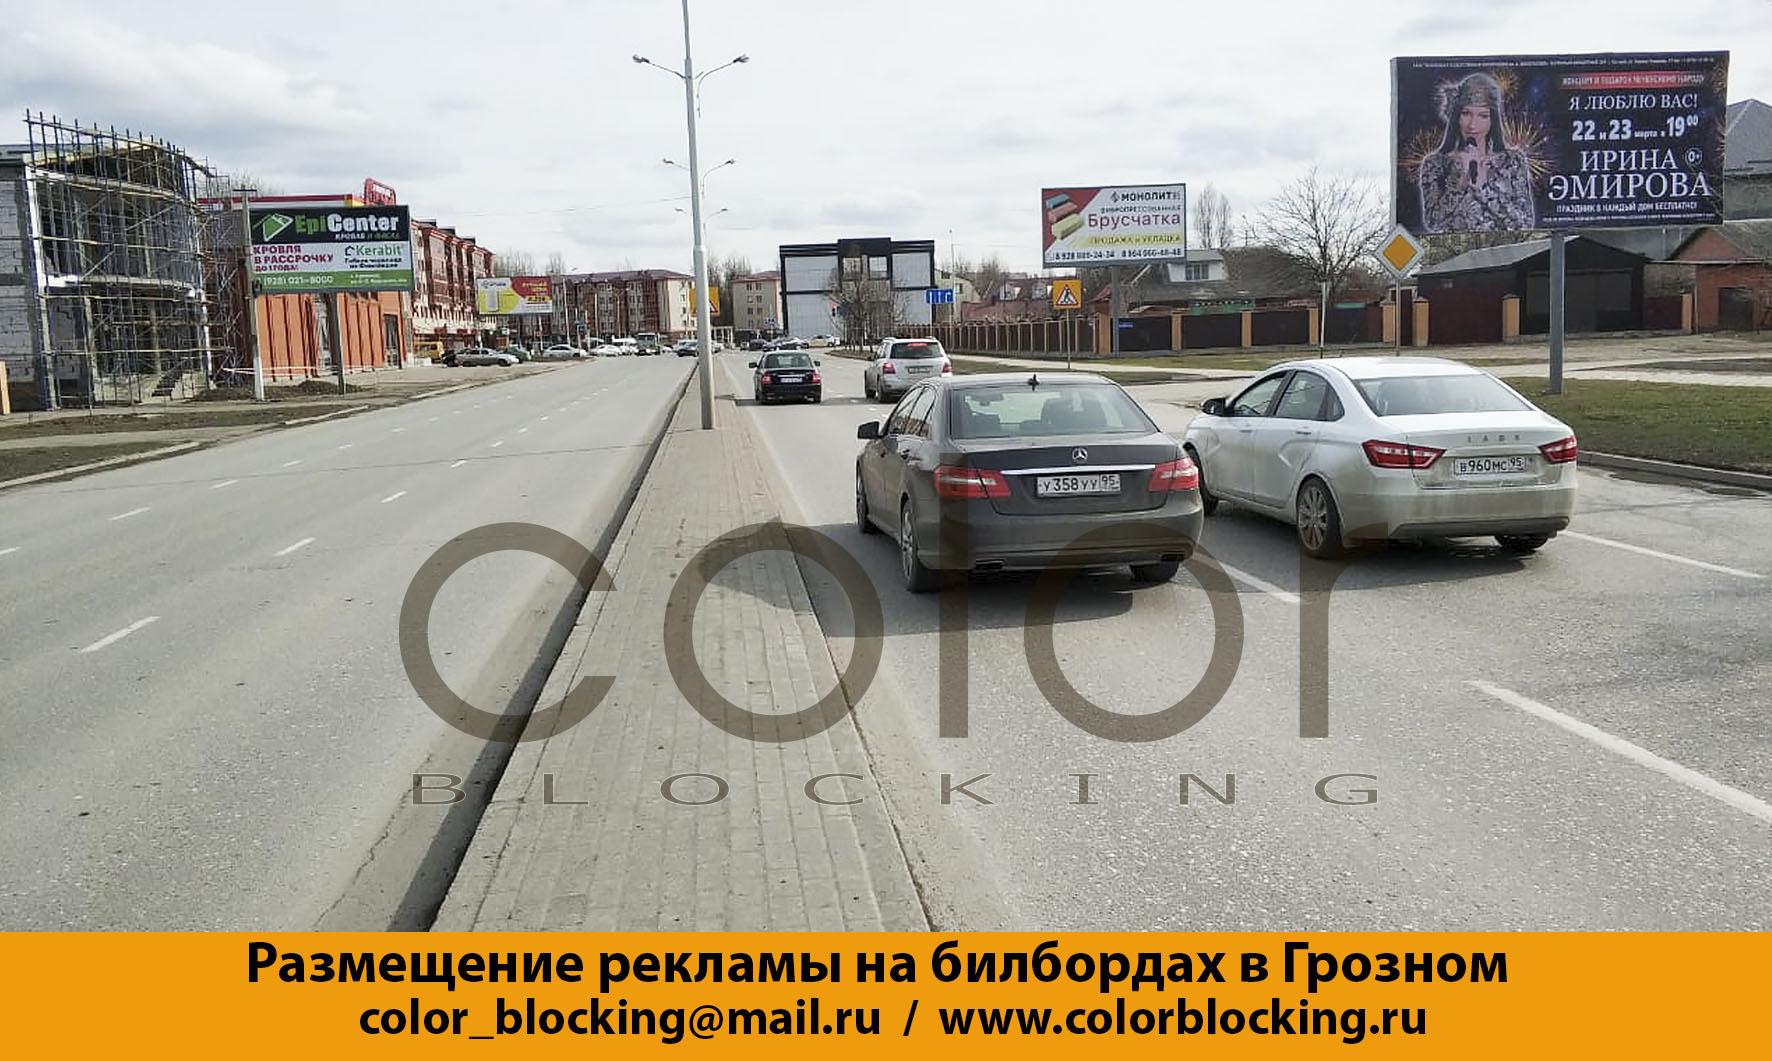 Реклама в Грозном на билбордах Жуковского